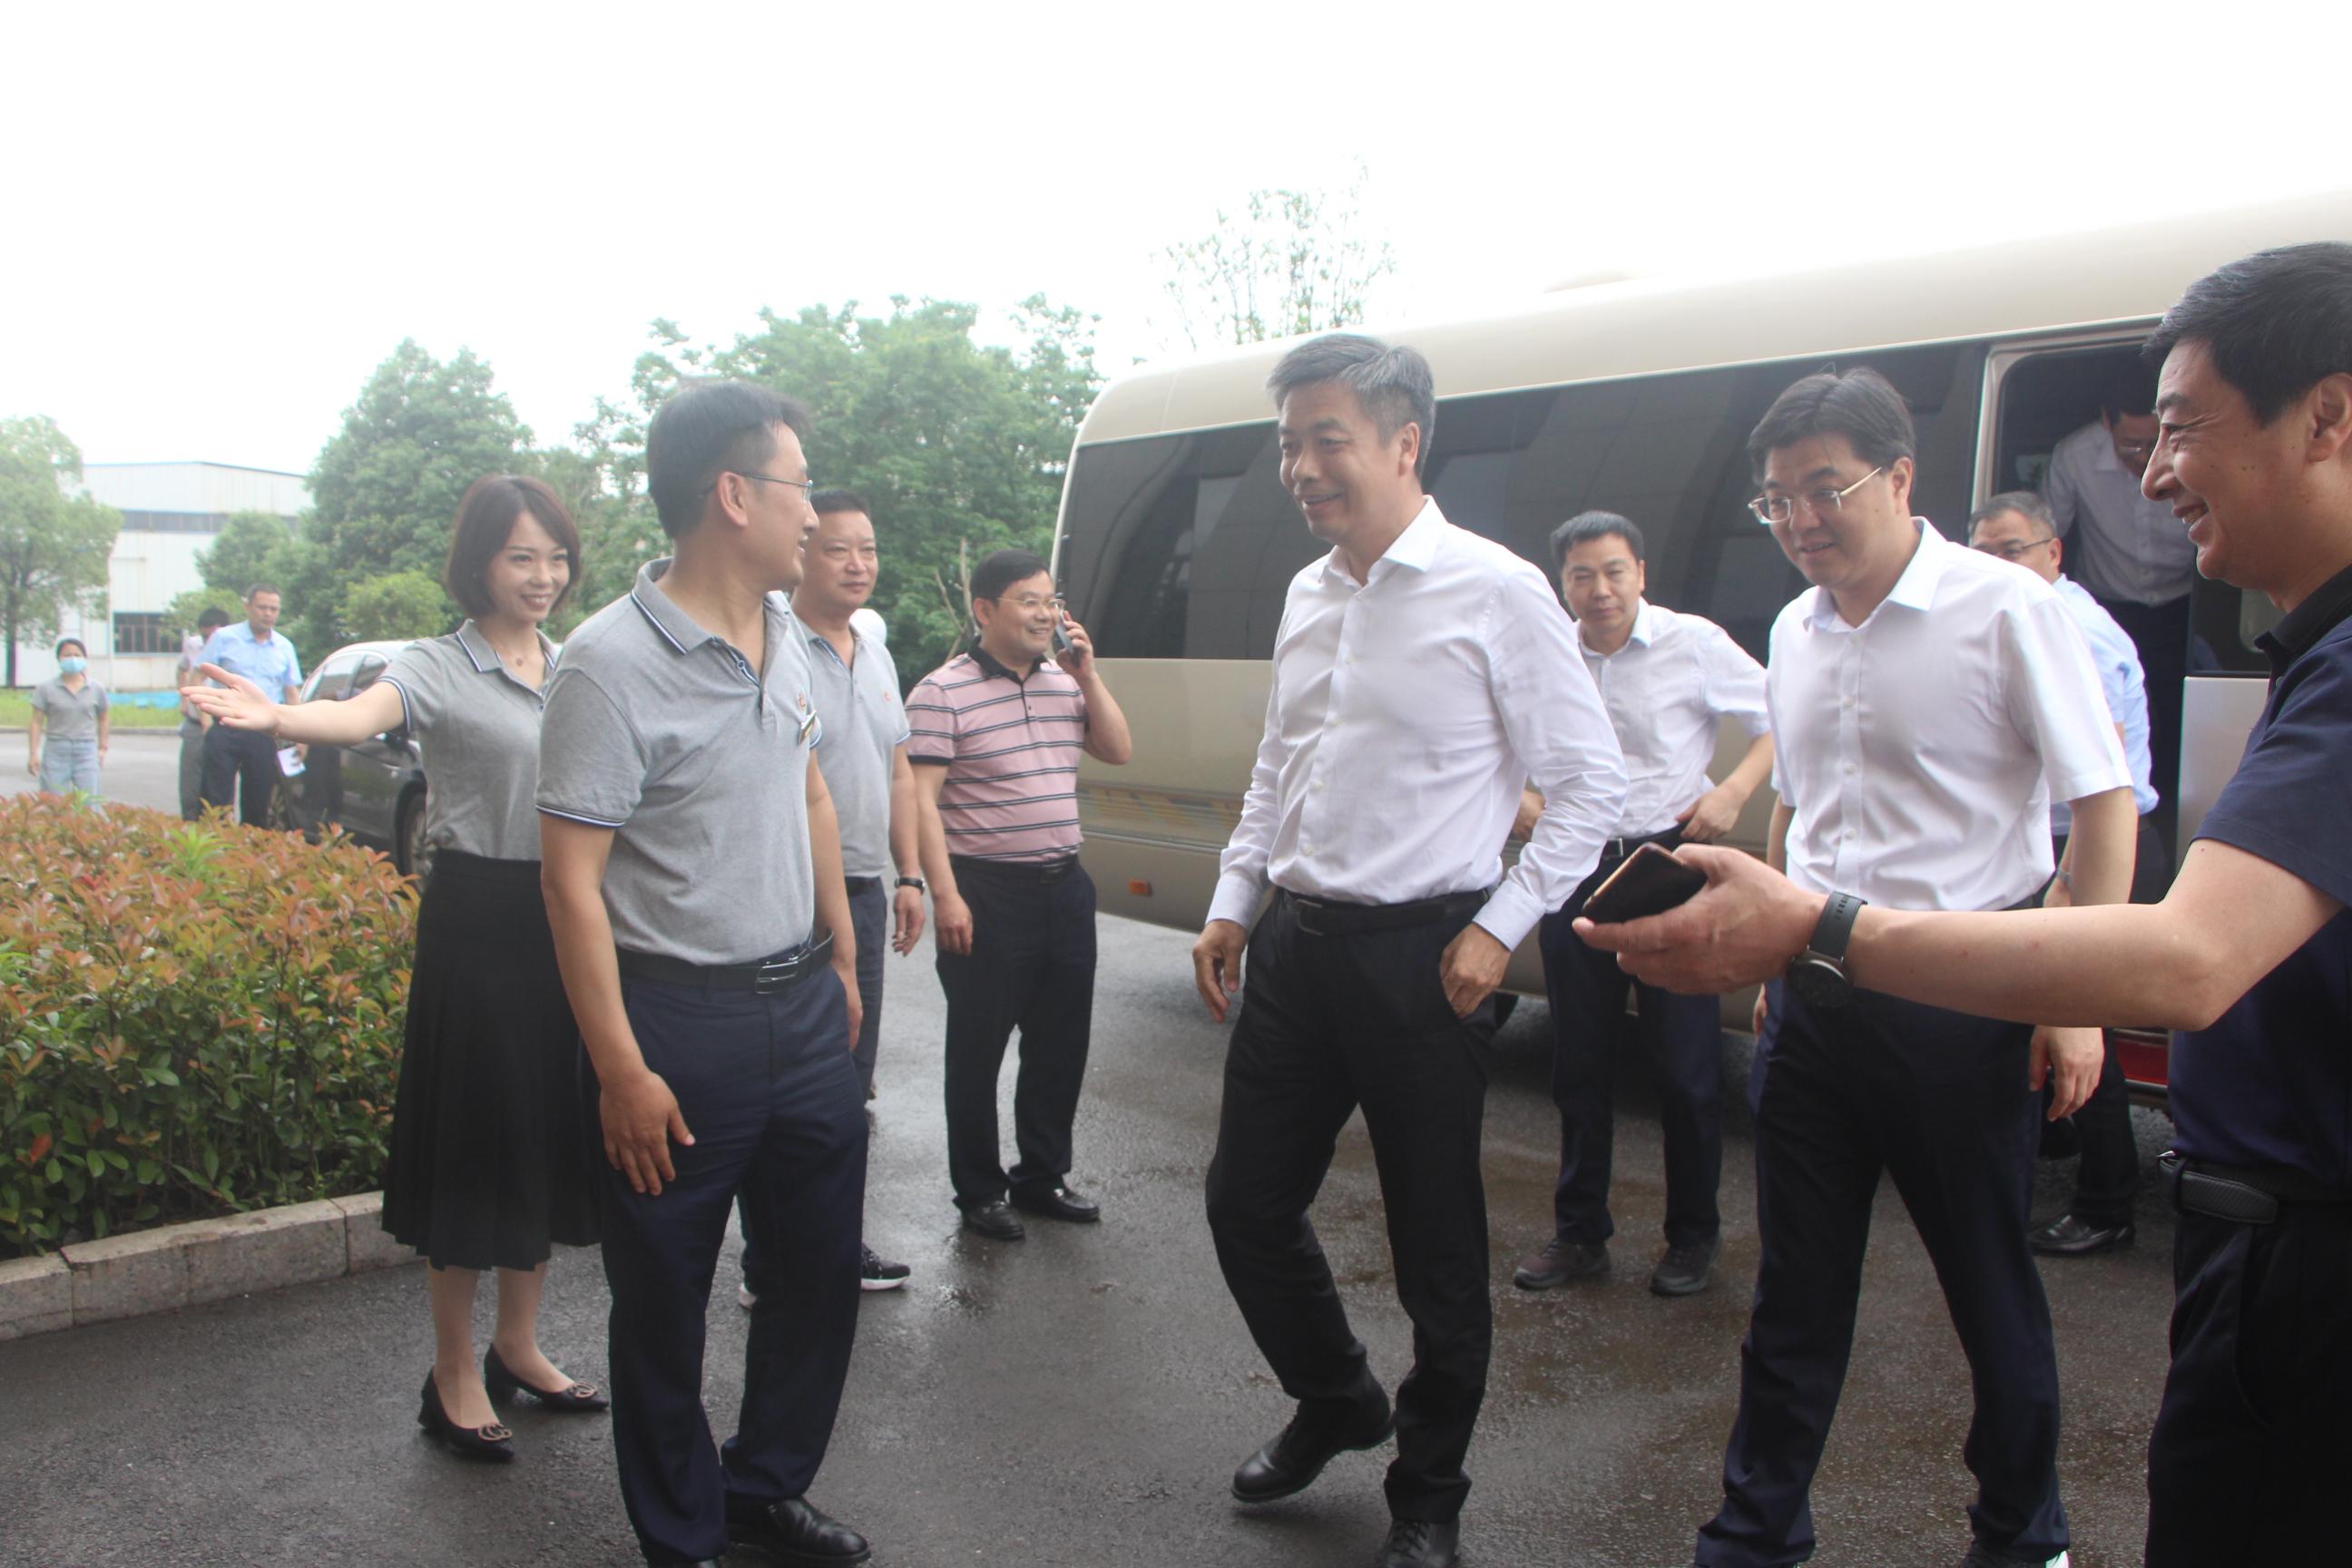 江西省人民政府副省长、党组成员任珠峰莅临我司调研指导工作